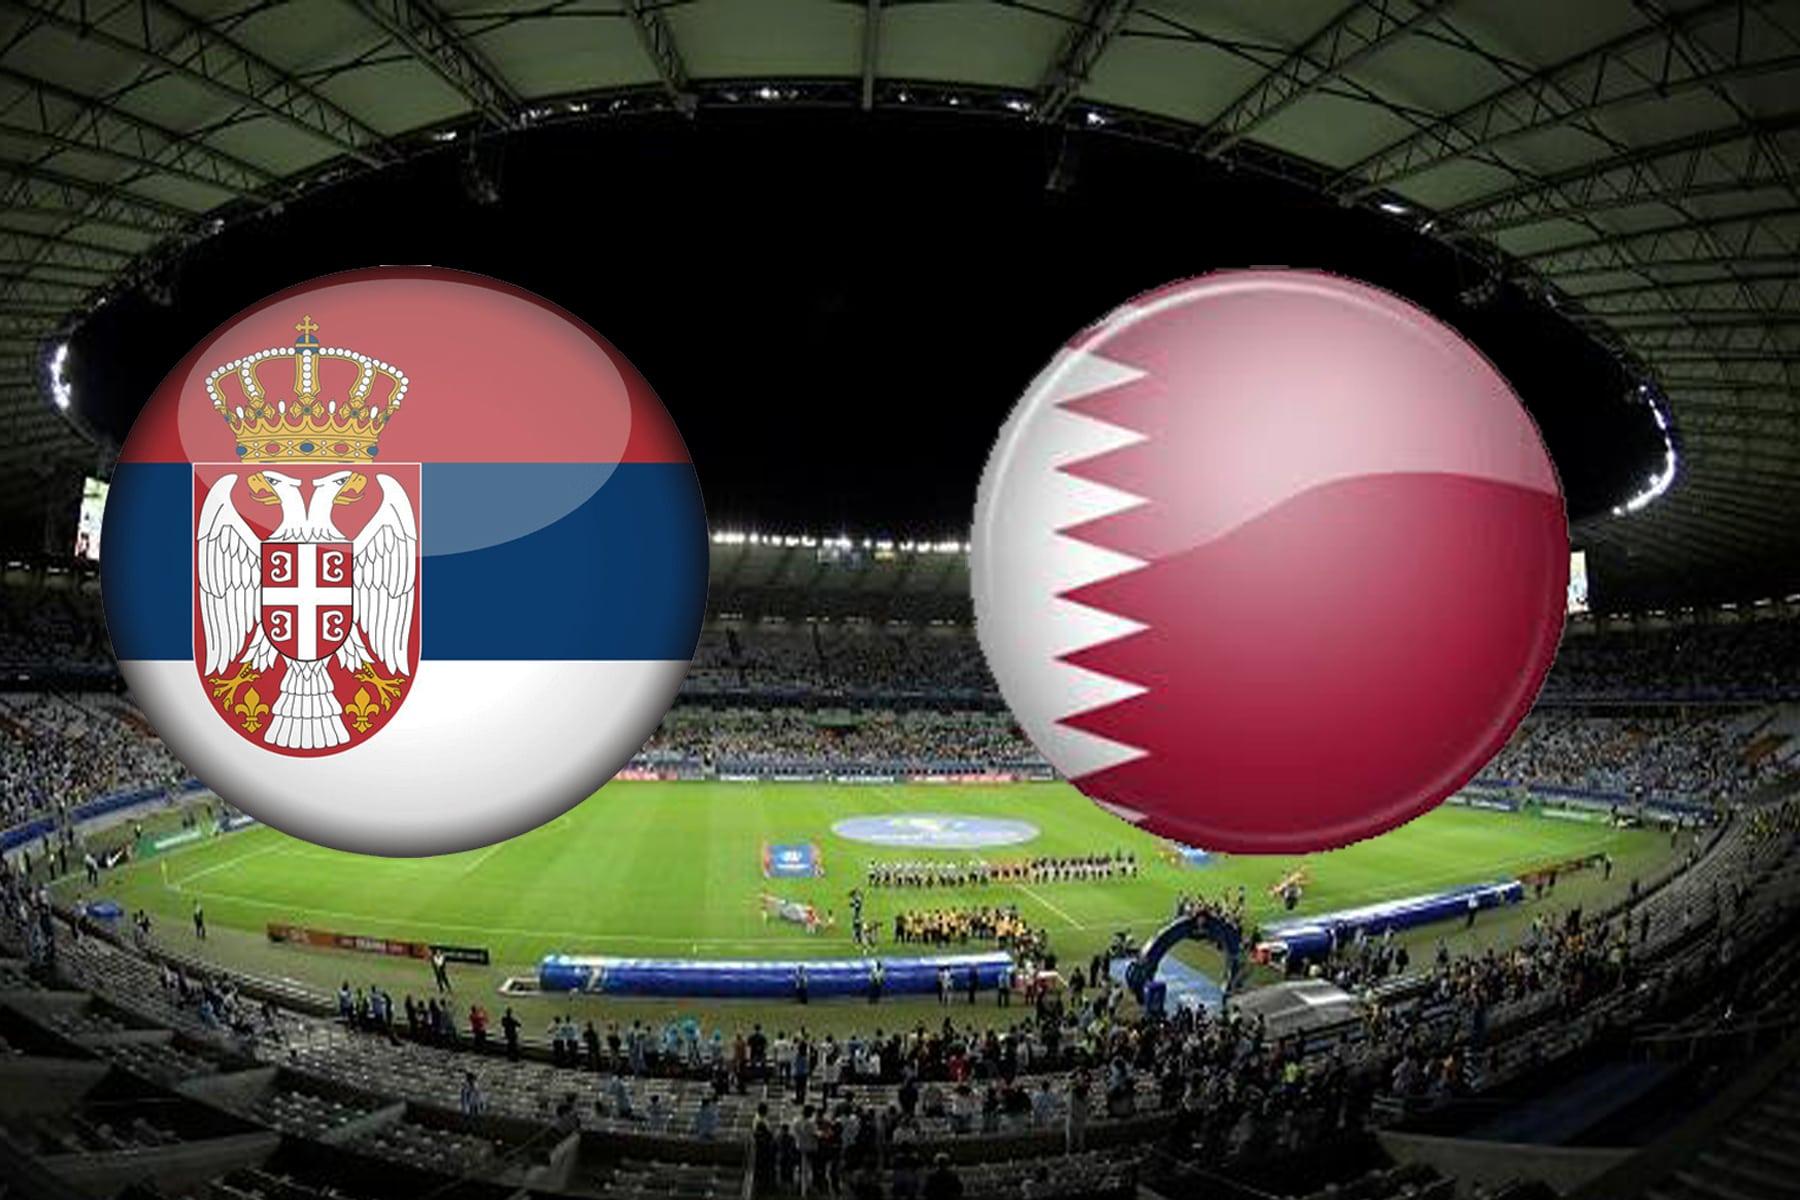 موعد ومعلق مباراة منتخب قطر وصربيا في تصفيات مونديال كأس العالم 2022